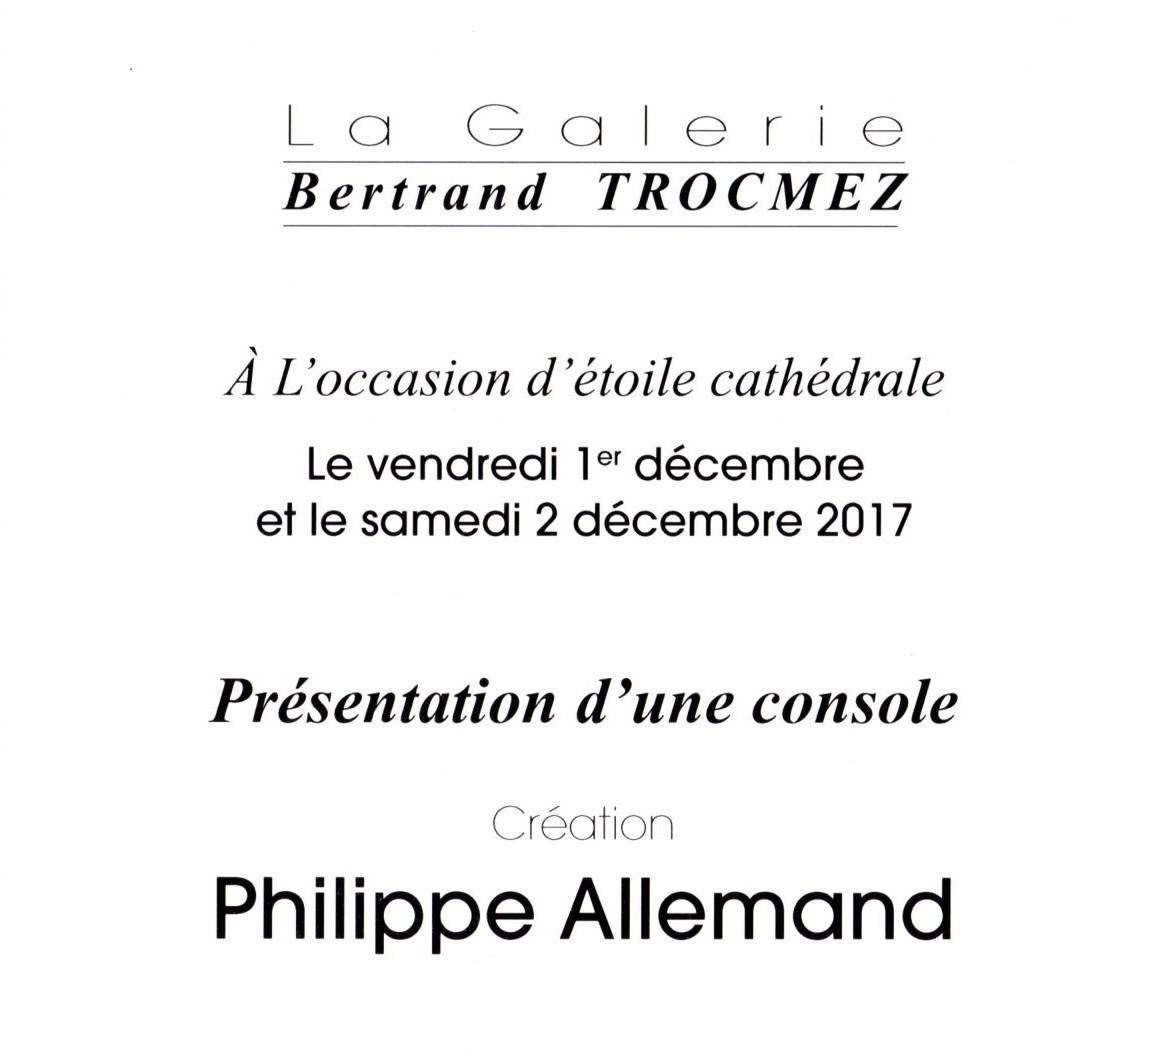 Notre console exposée à la Galerie Bertrand Trocmez